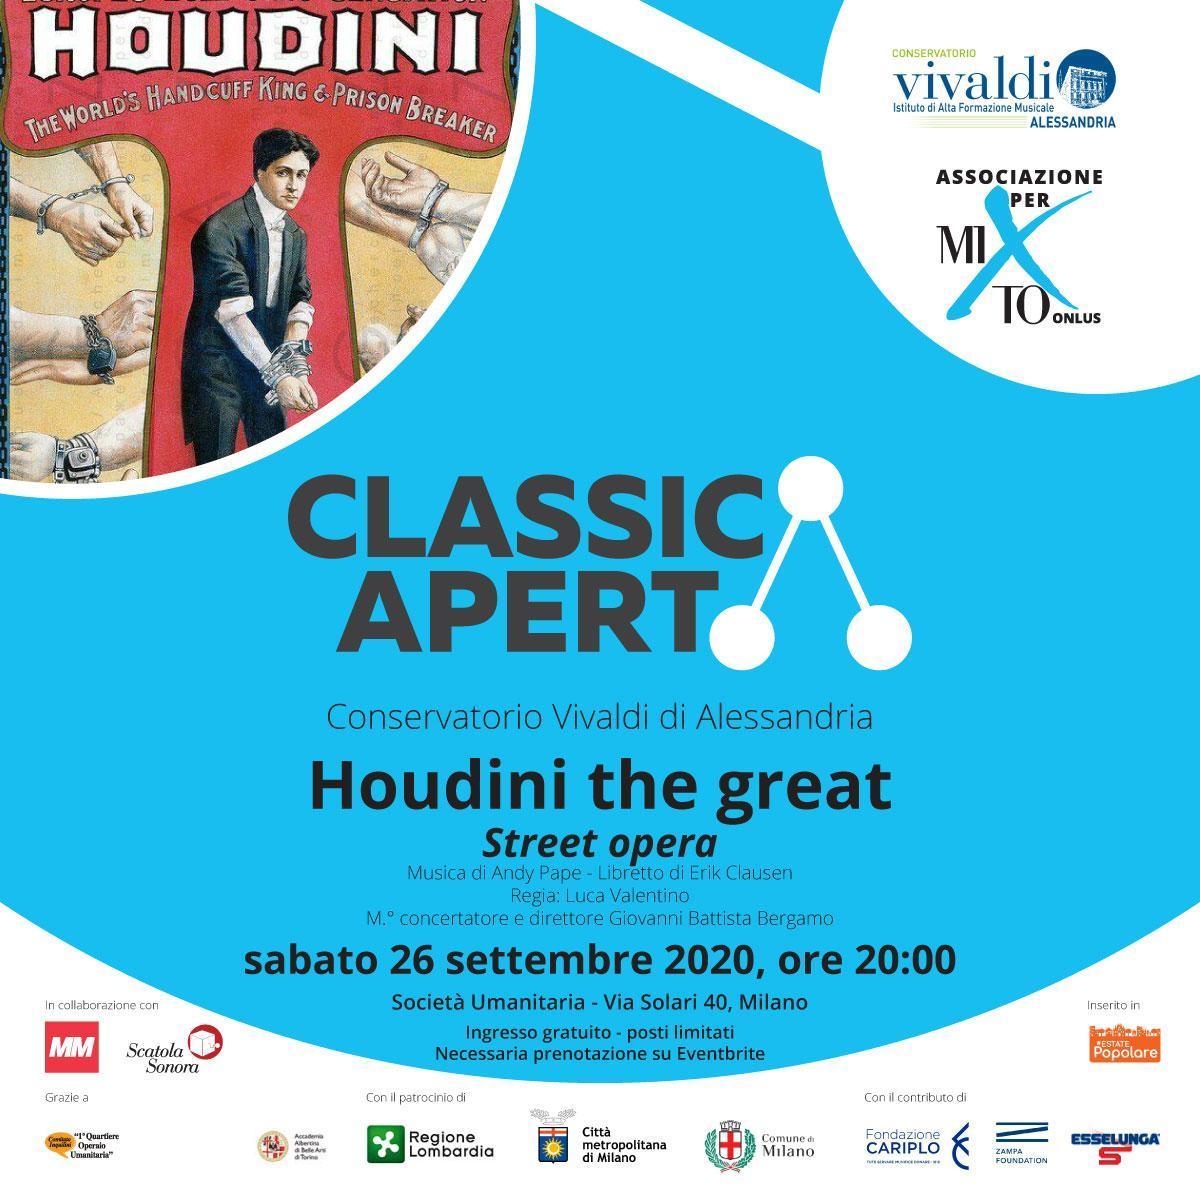 Associazione per MITO Onlus: Houdini the great - street opera